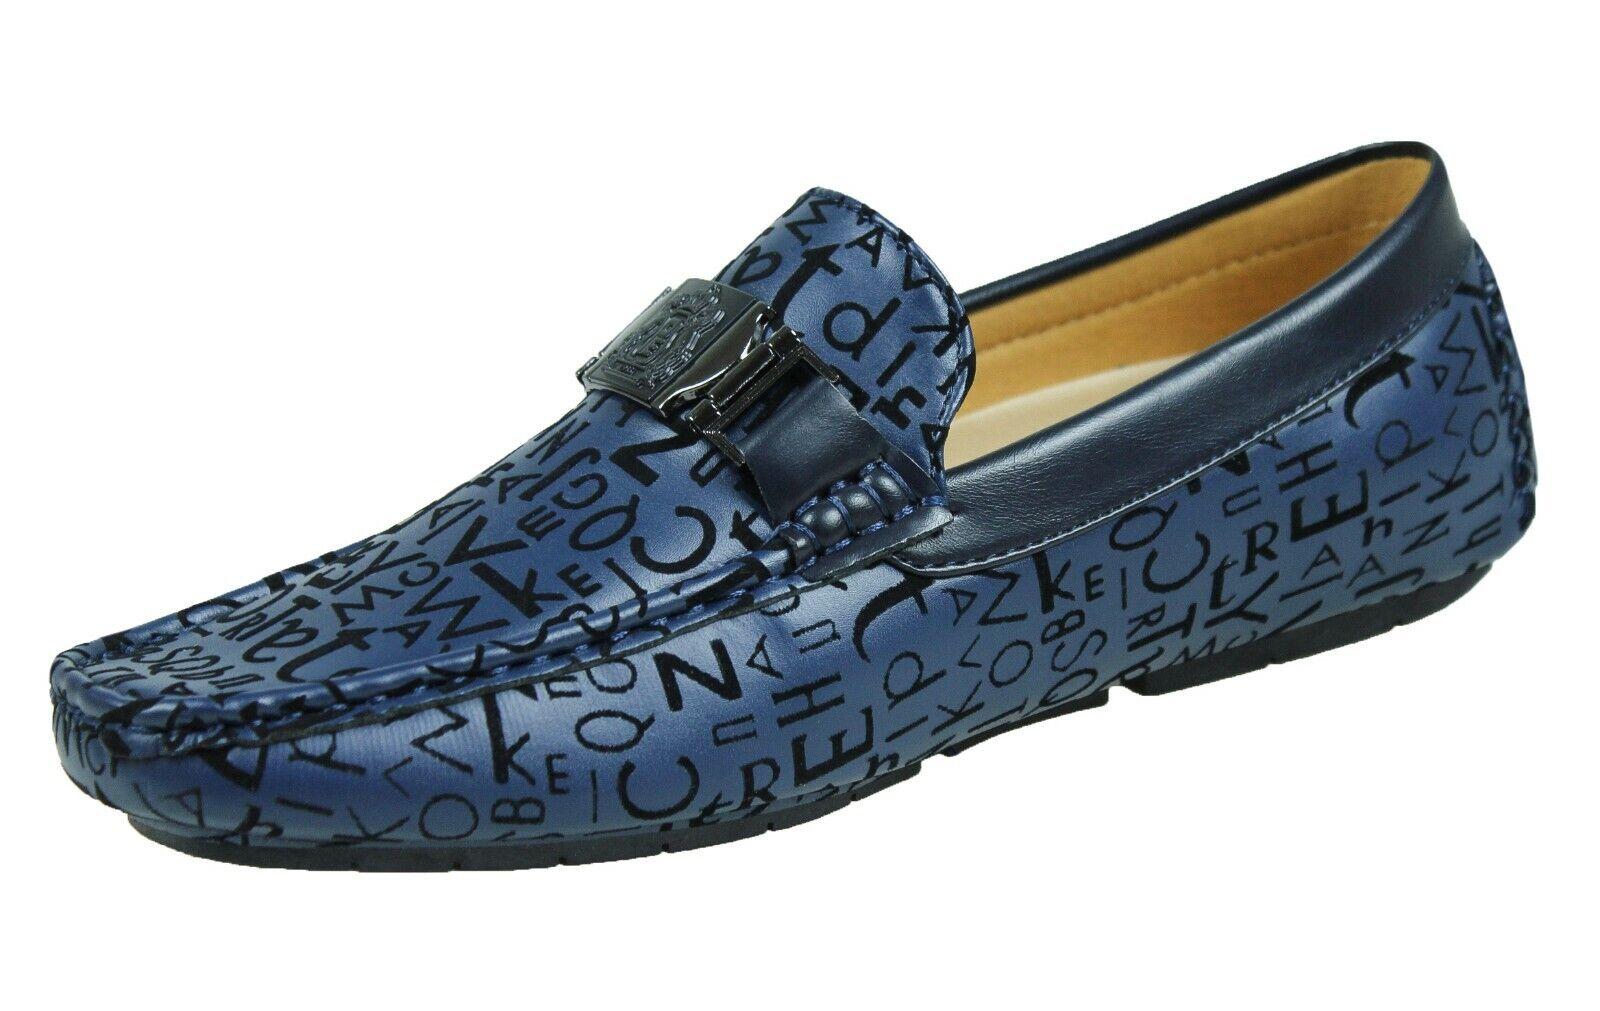 2ccf272d5cbb7 Scarpe mocassini uomo Diamond shoes blu super light eleganti business da 40  a 45